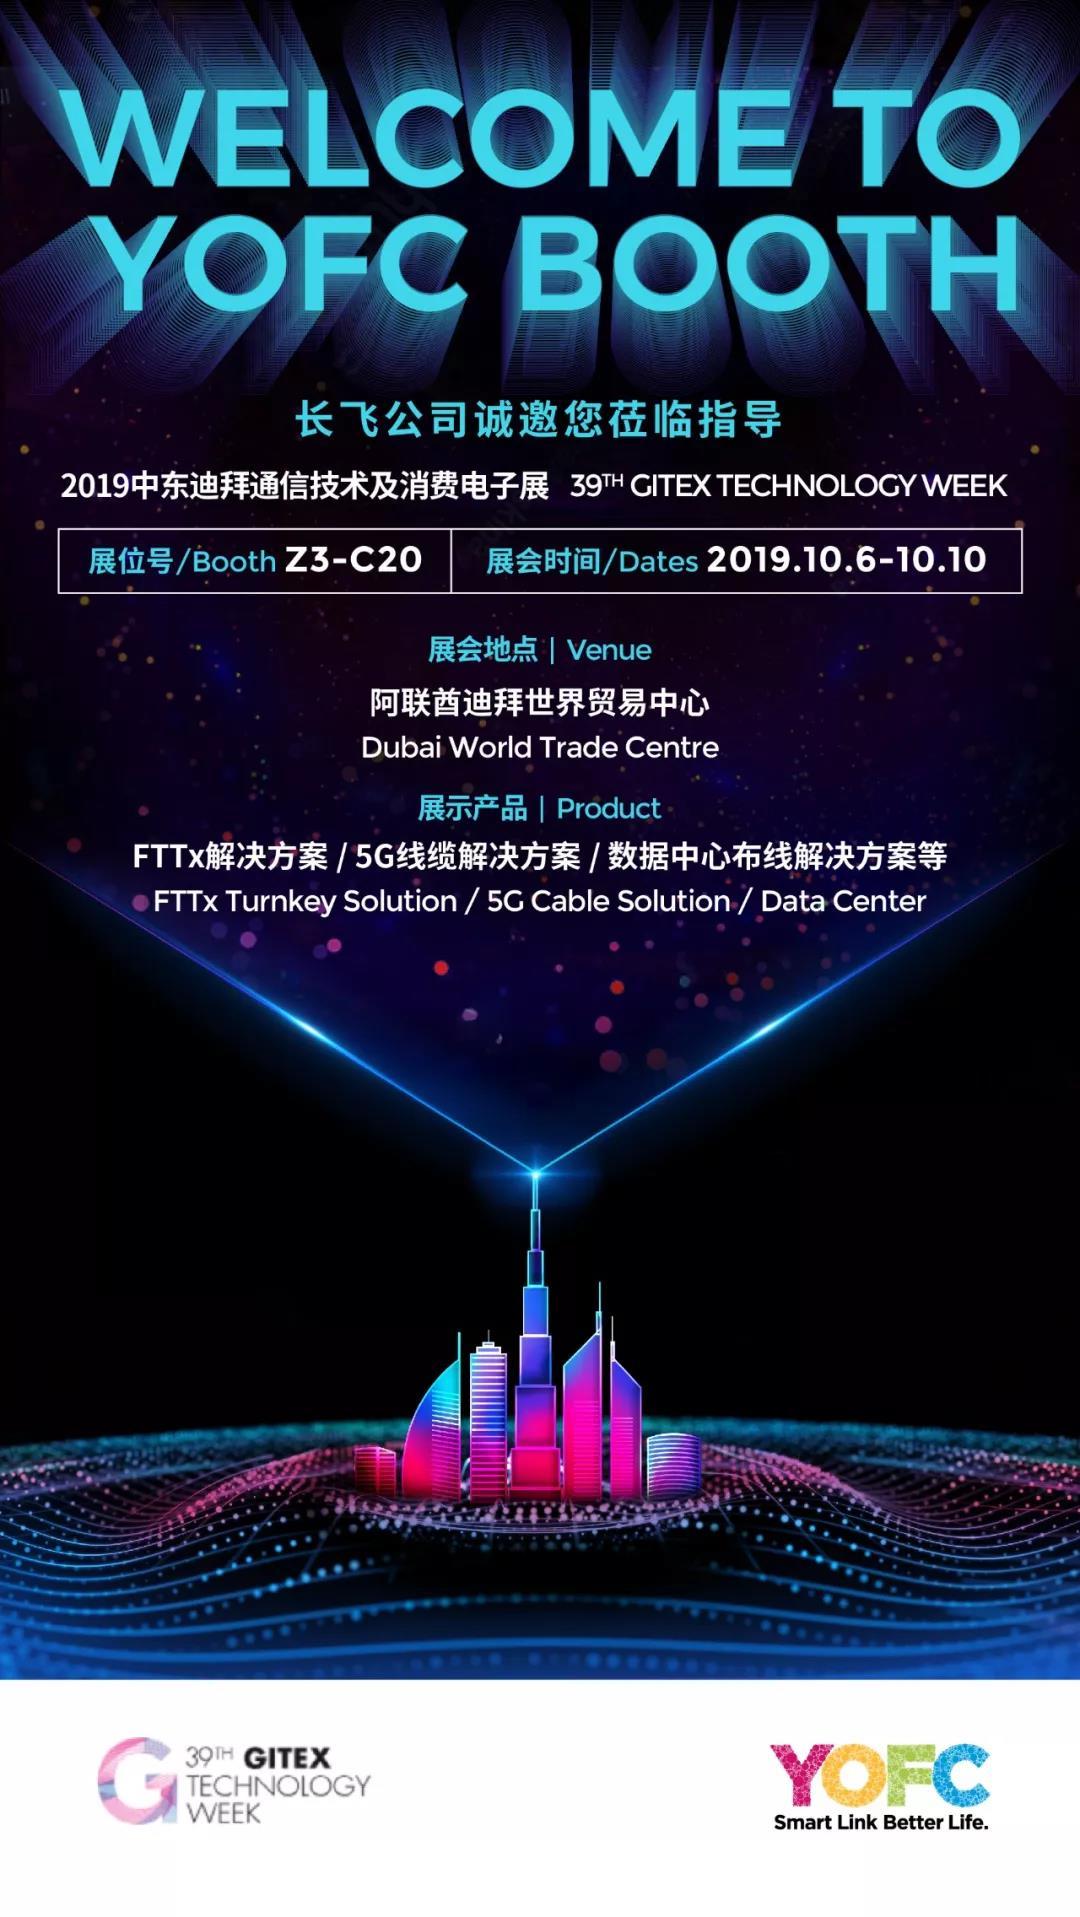 长飞诚邀您参与2019迪拜通信技术及消费电子展GITEX